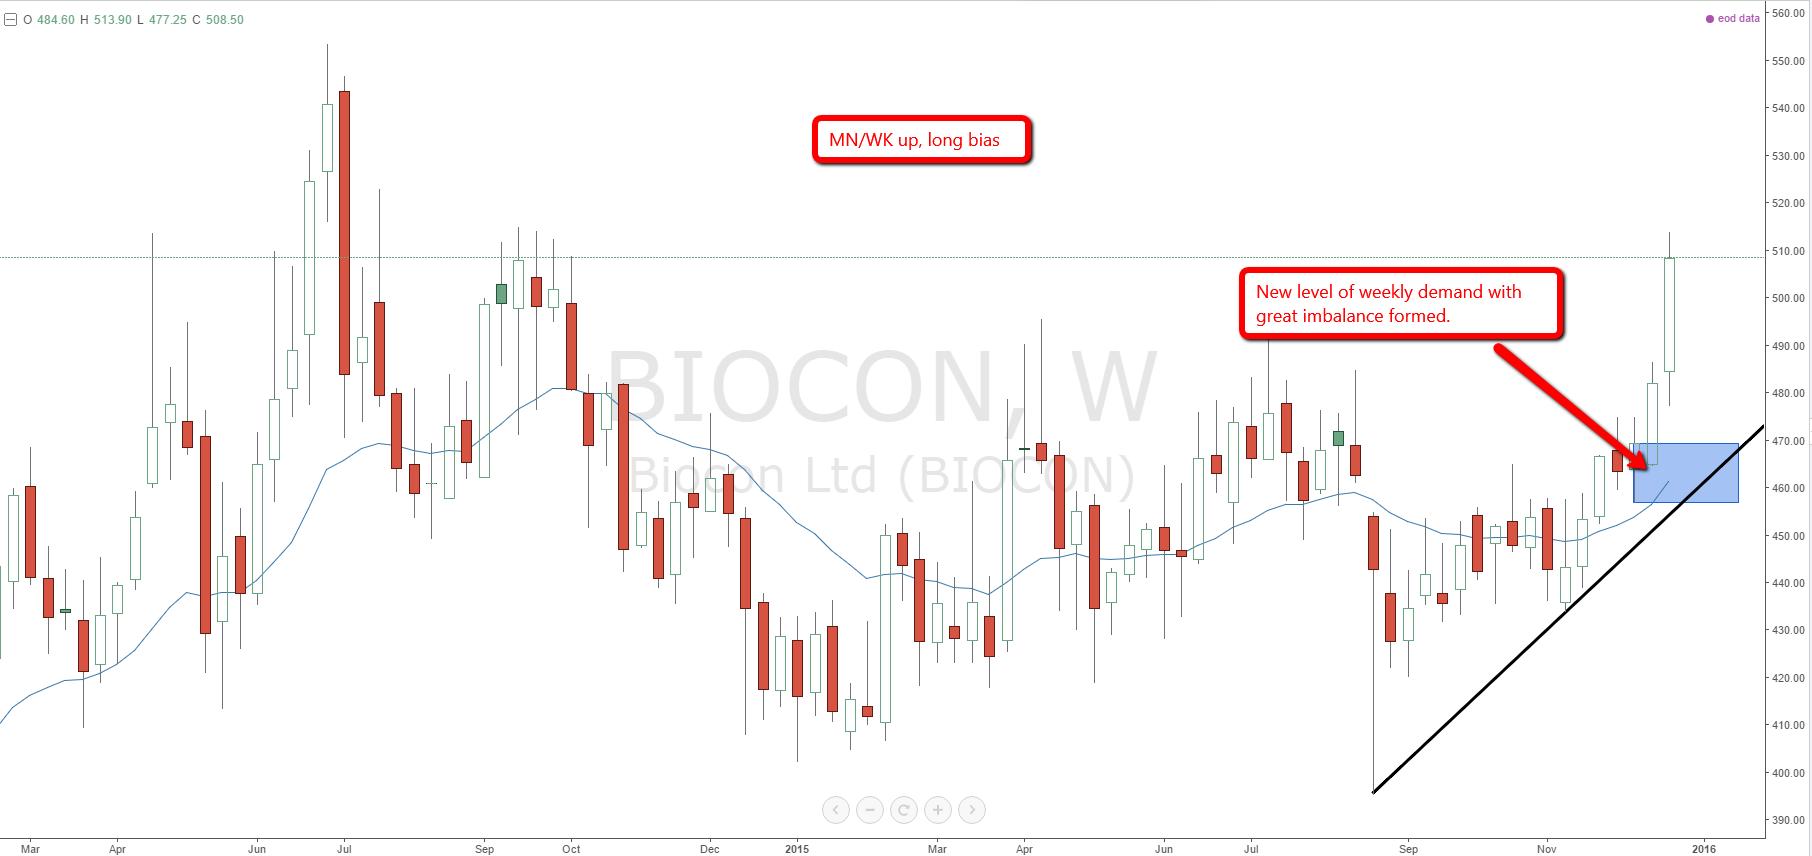 biocon_weekly